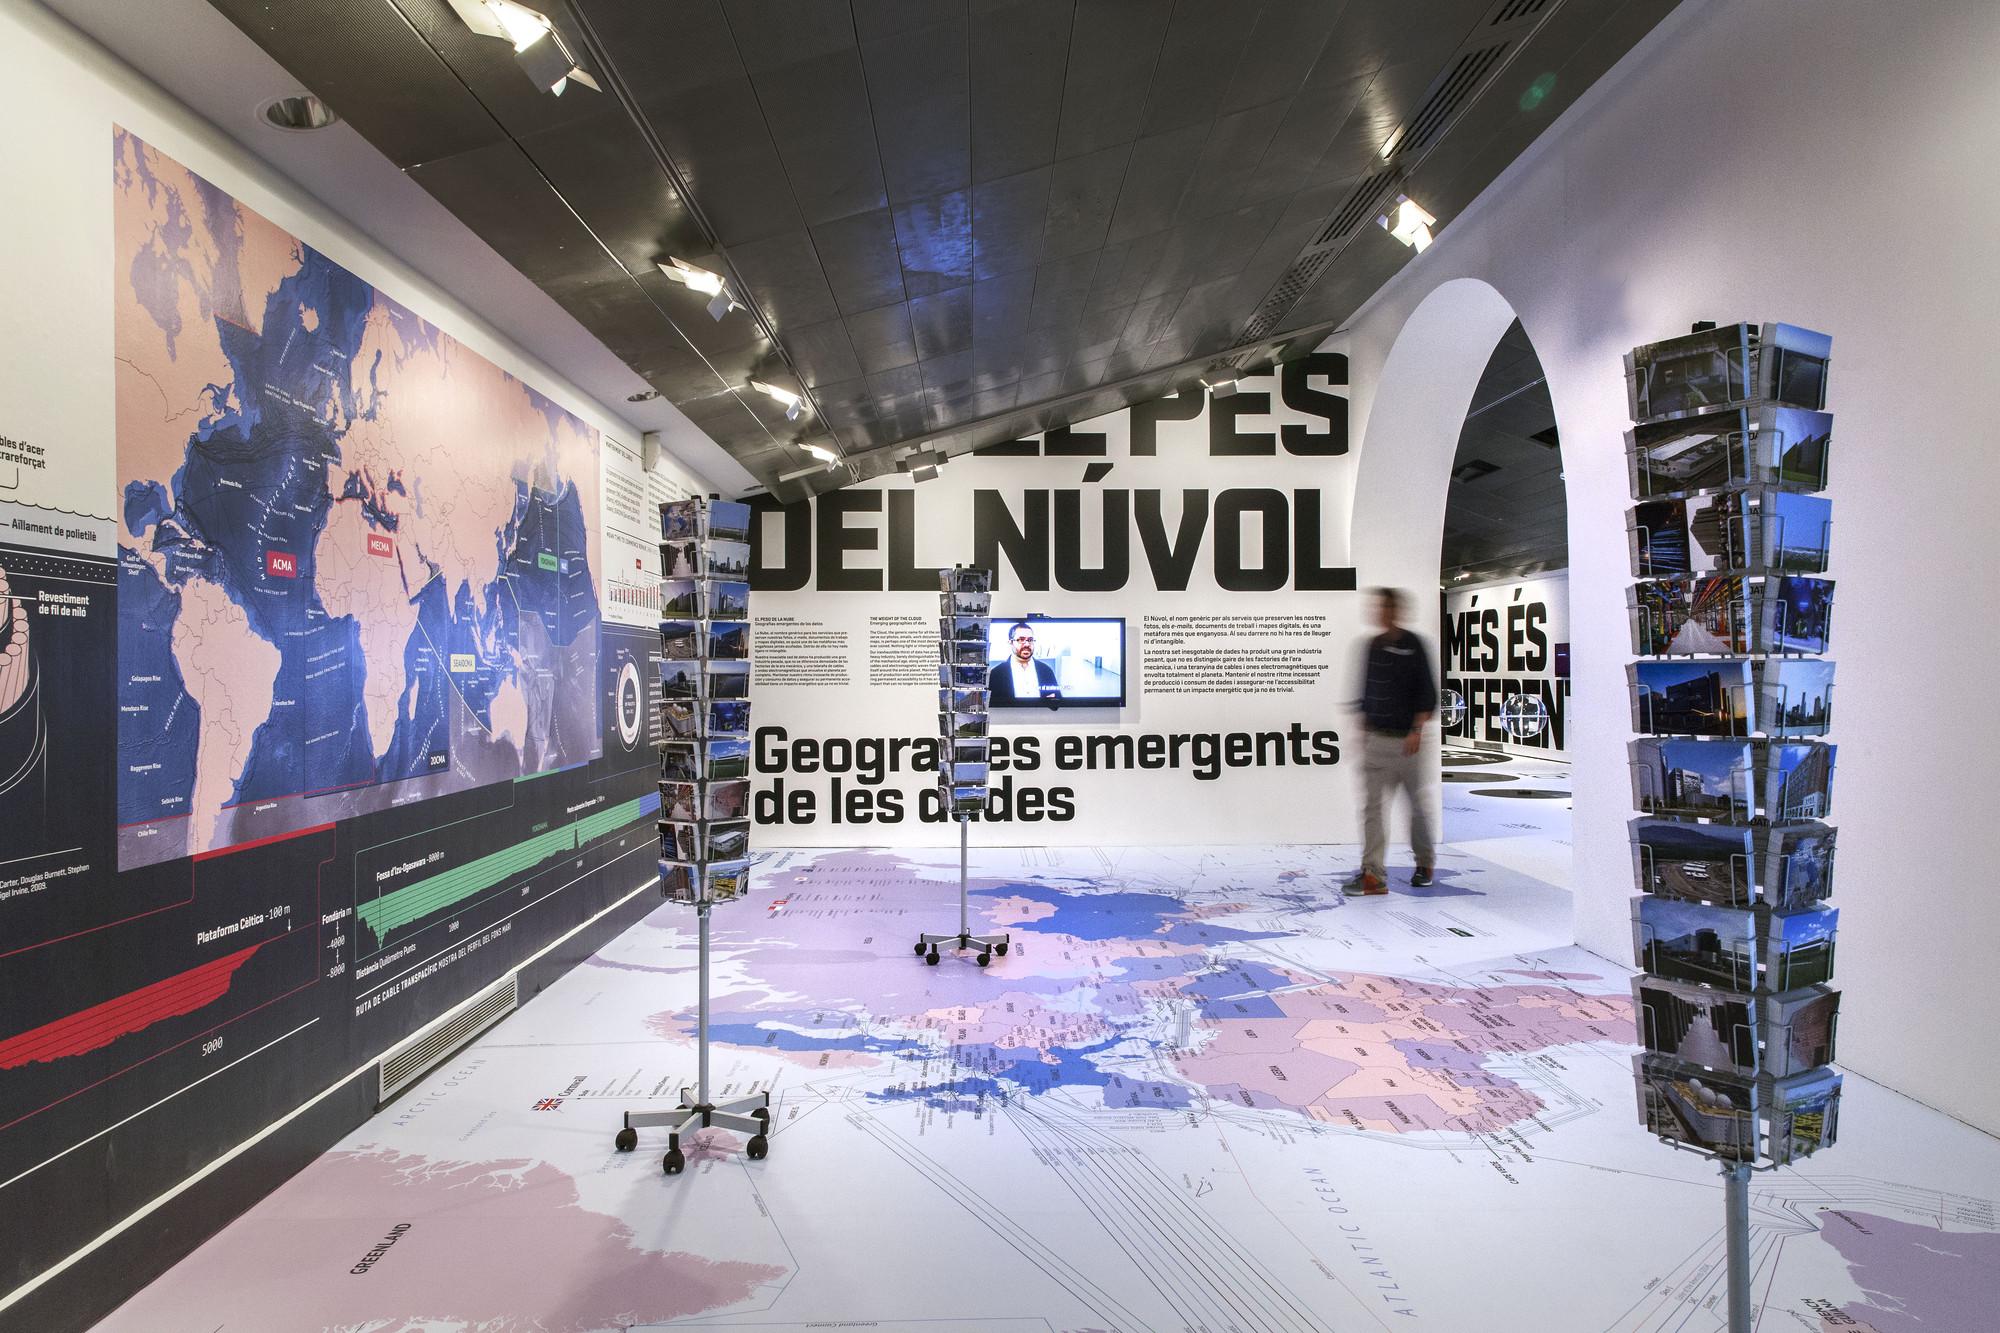 Exposición Big Bang Data en CCCB. Image © Gunnar Knechtel